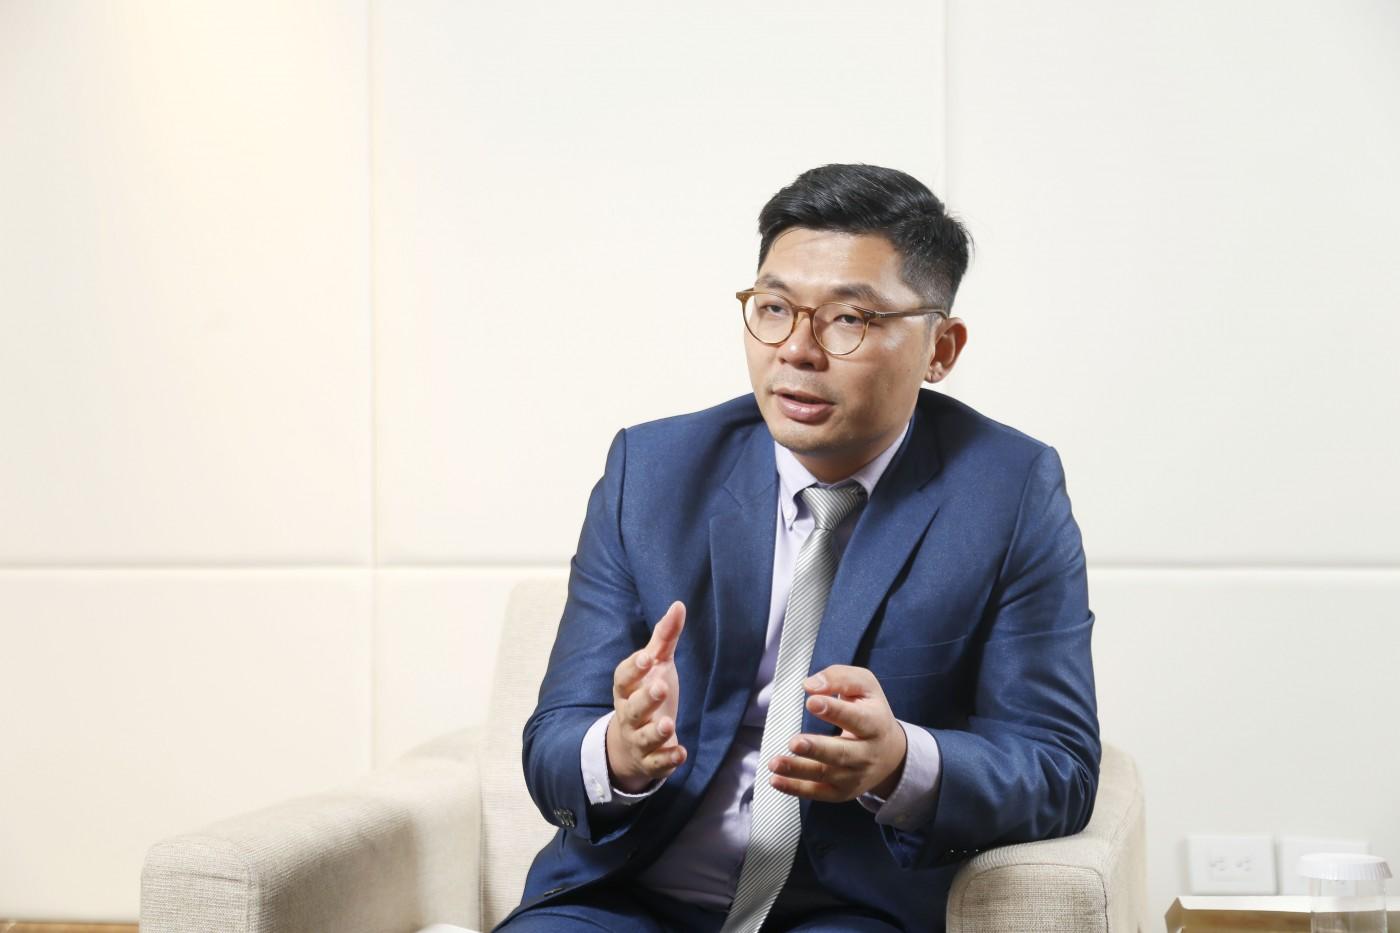 立委許毓仁推無人車立法,採申請制開放道路實測